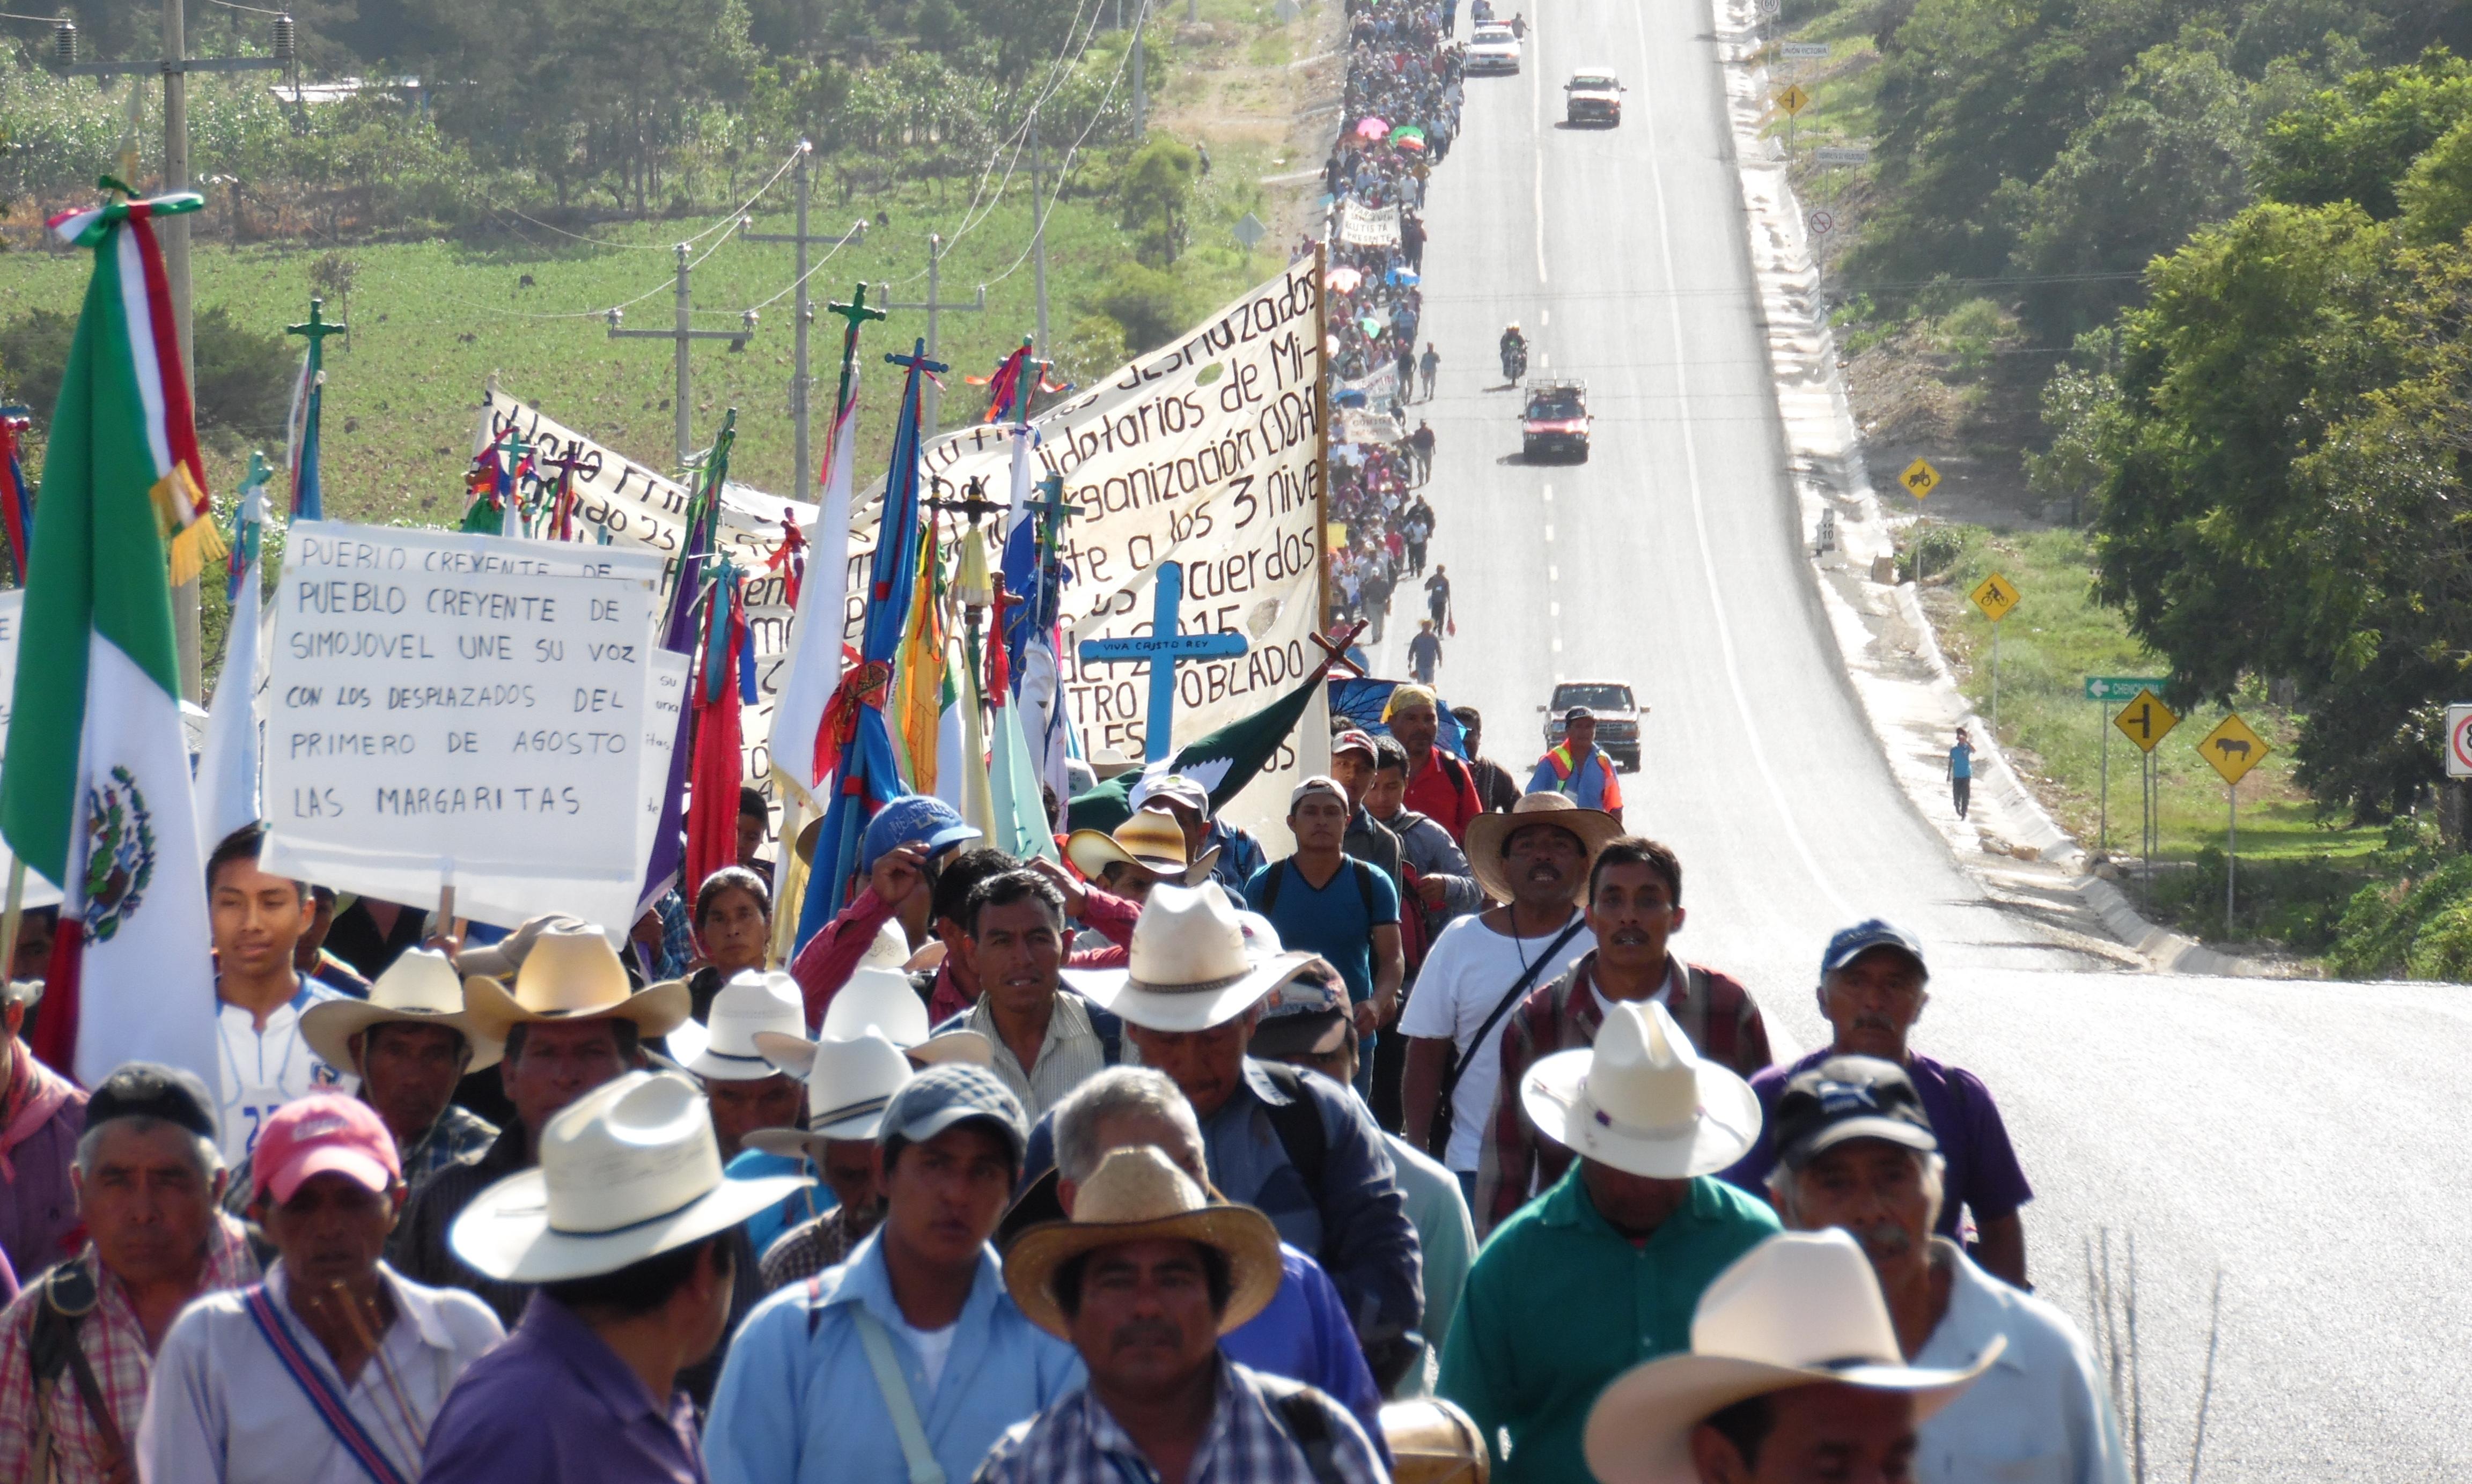 """Chiapas: """"Hay proyectos de muerte, pero hoy venimos a reivindicar los derechos a la vida""""."""